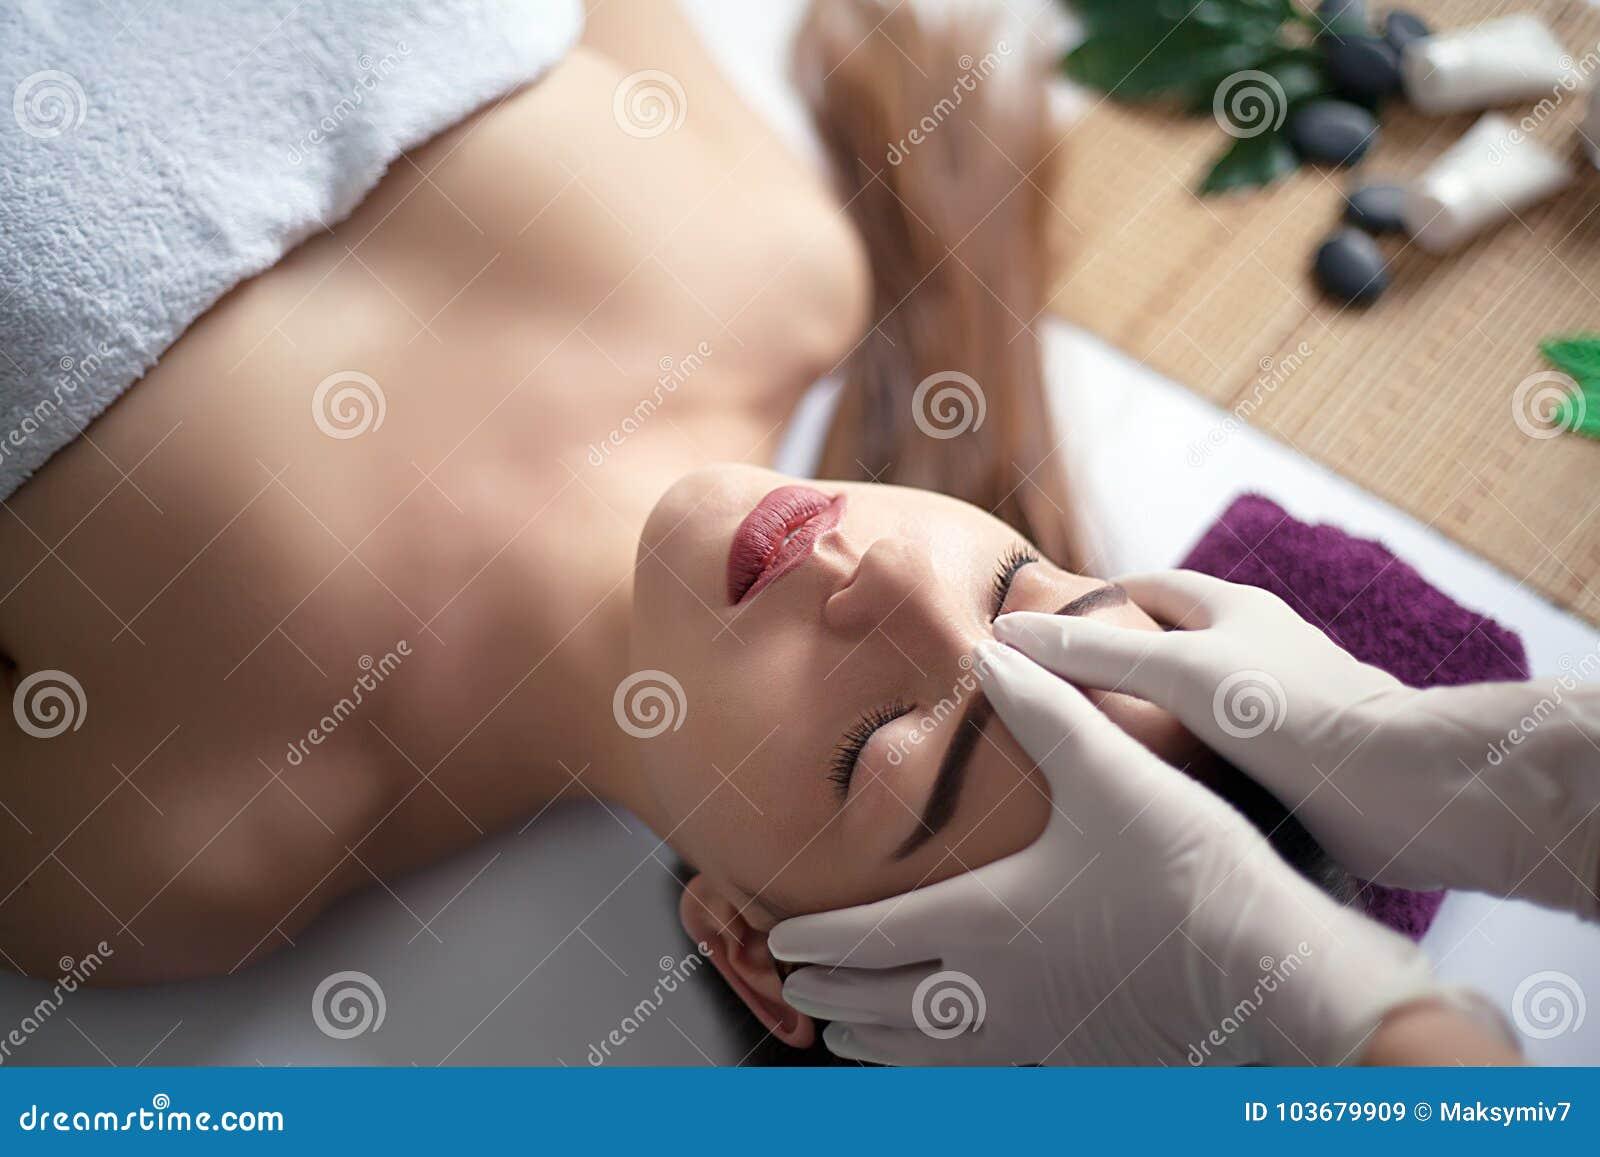 Povos, beleza, termas, estilo de vida saudável e conceito do abrandamento - próximos acima da jovem mulher bonita que encontra-se